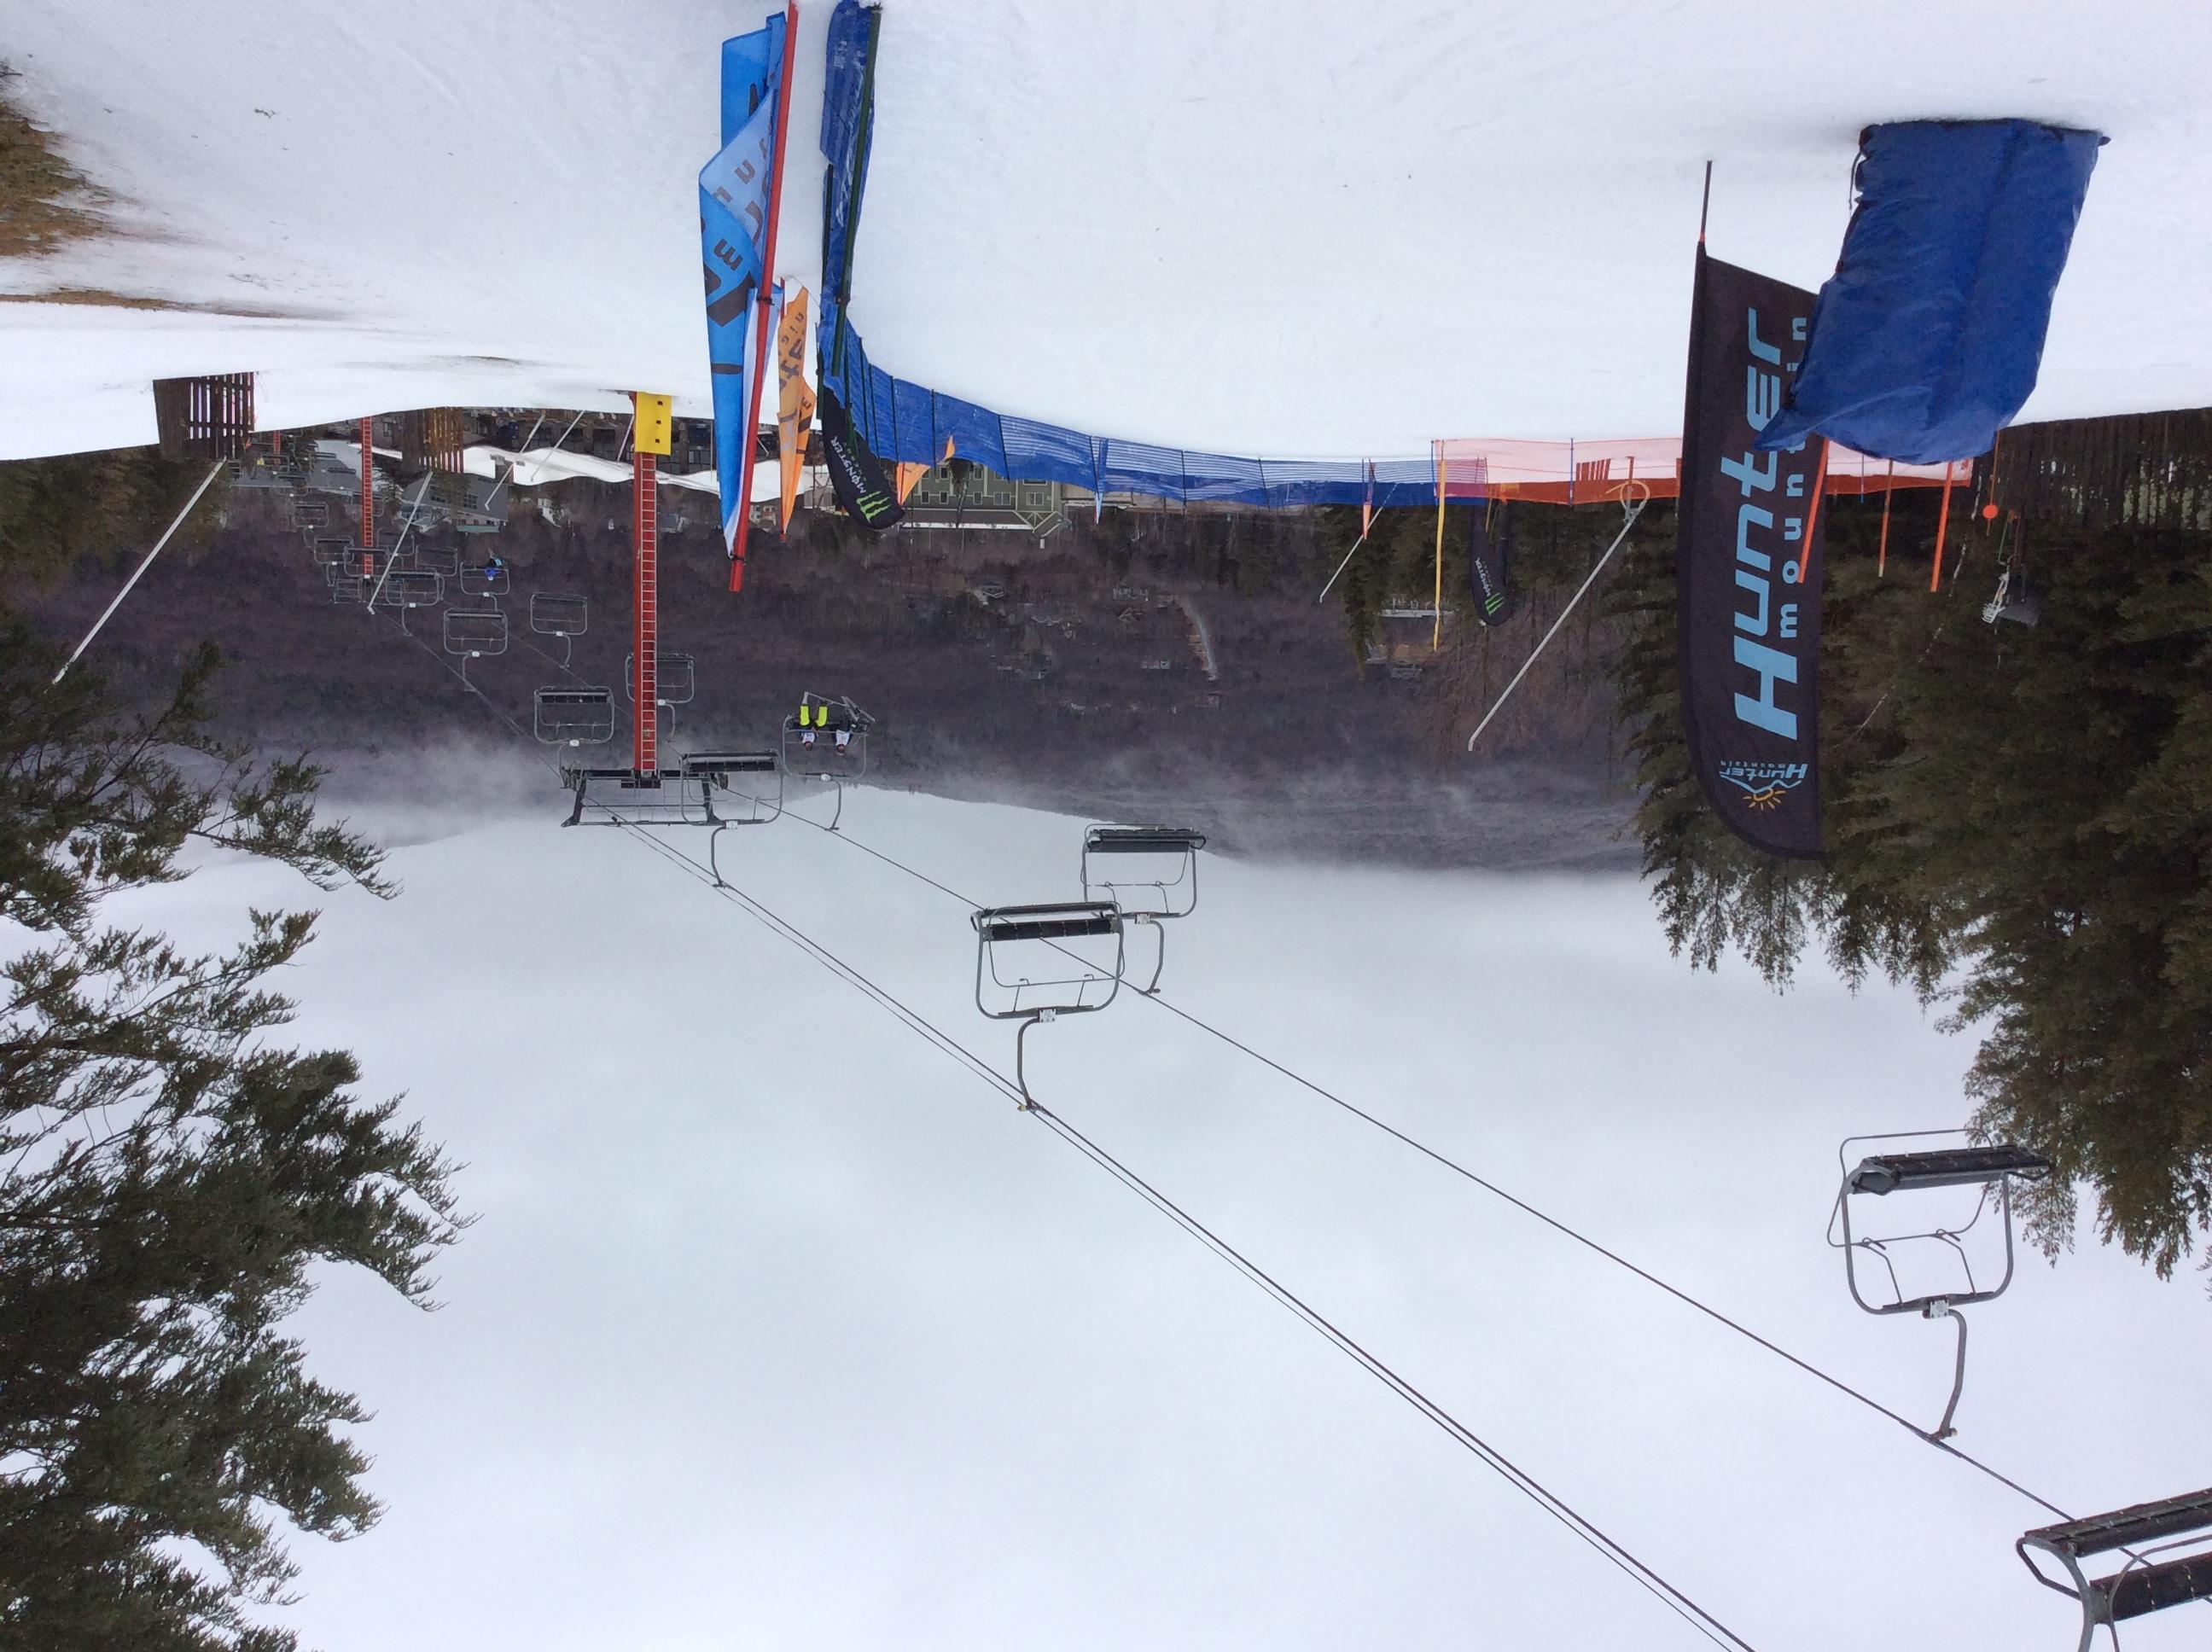 nypd-ski-club_31553677194_o